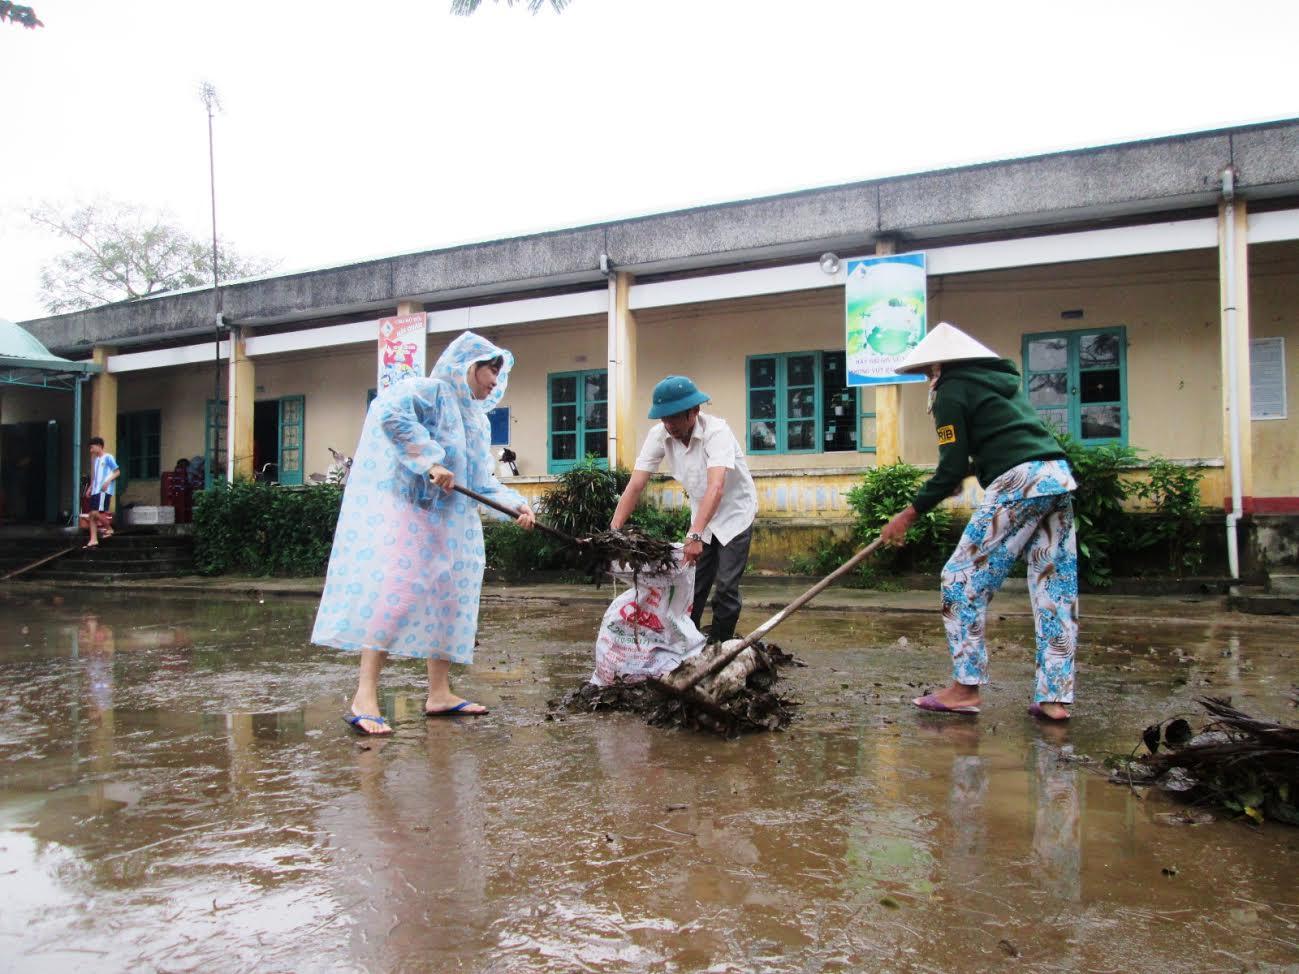 Ngay sau khi lũ rút, một số trường học khẩn trương dọn vệ sinh để học sinh sớm trở lại lớp.